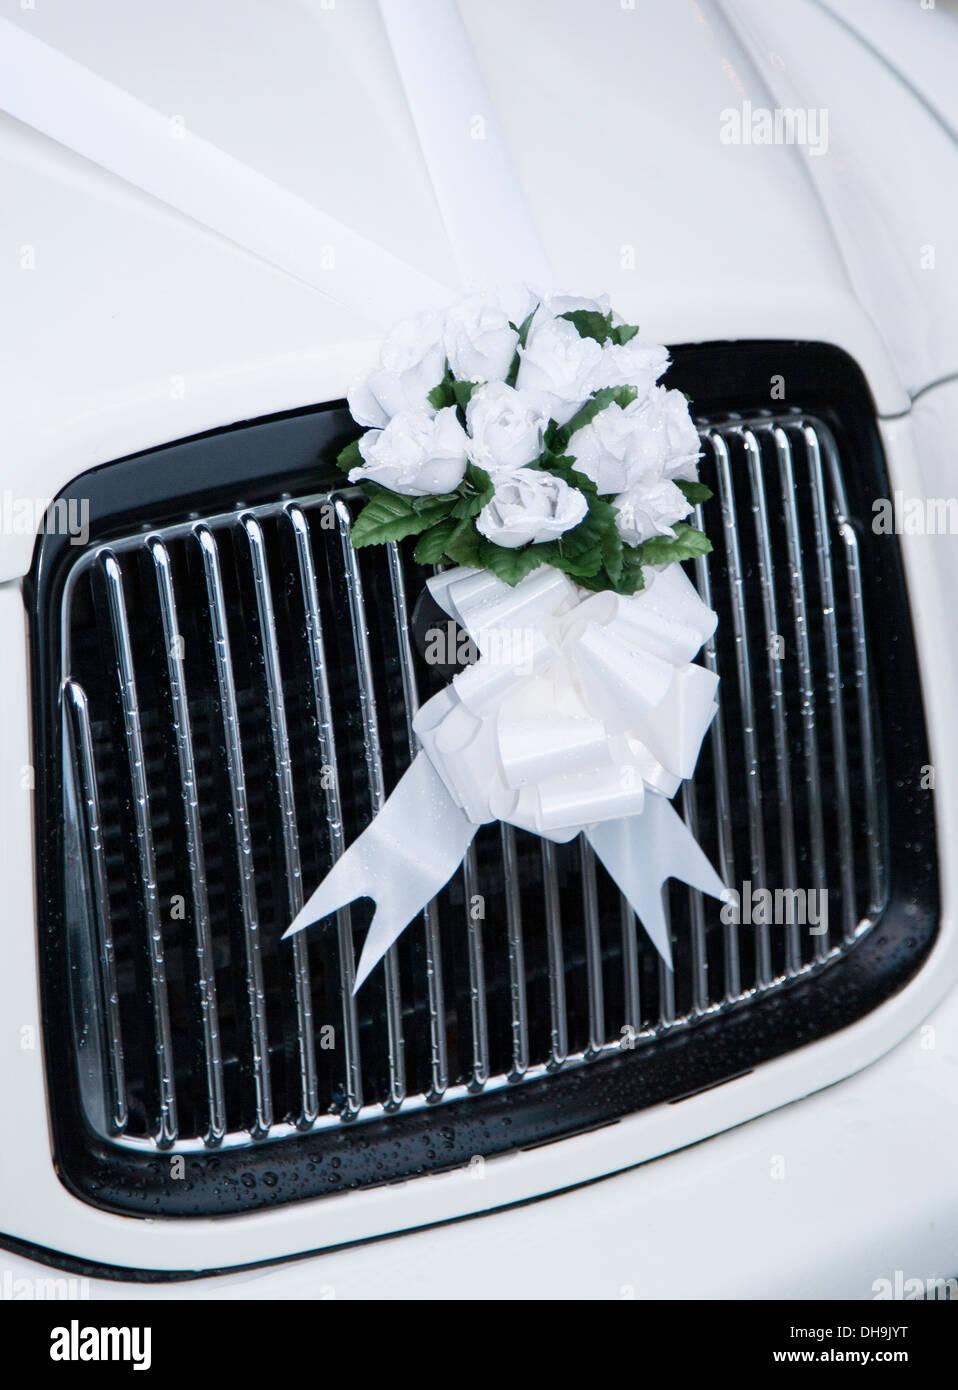 Weisse Hochzeitsblumen Auf Einem Auto Grill Stockfoto Bild 62292716